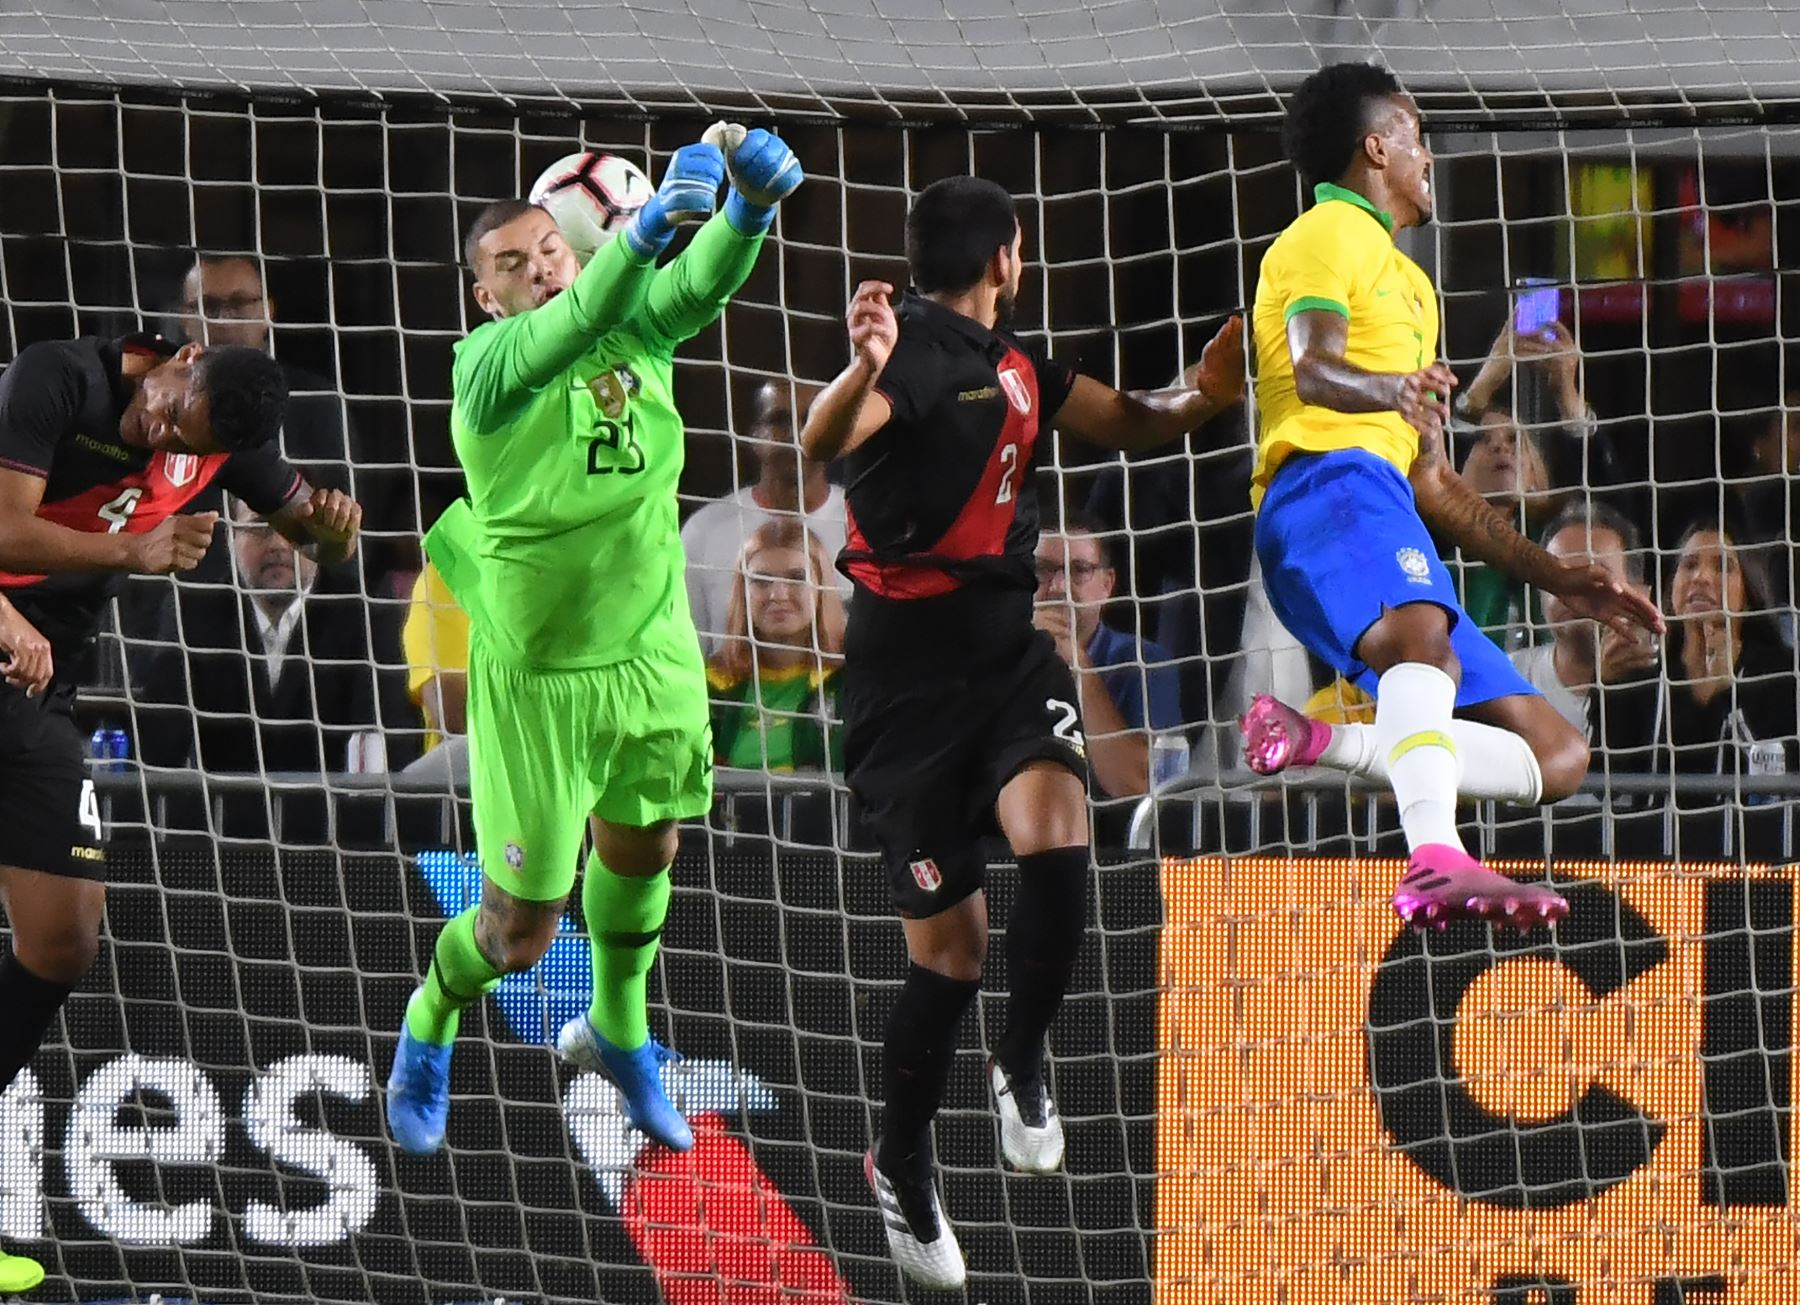 Luis Abram de Perú (C)cabecea el balón para anotar contra Brasil durante el partido de fútbol amistoso internacional entre Brasil y Perú en el Los Angeles Memorial Coliseum, en Los Ángeles, California, el 10 de septiembre de 2019. - Perú ganó 1- 0. AFP